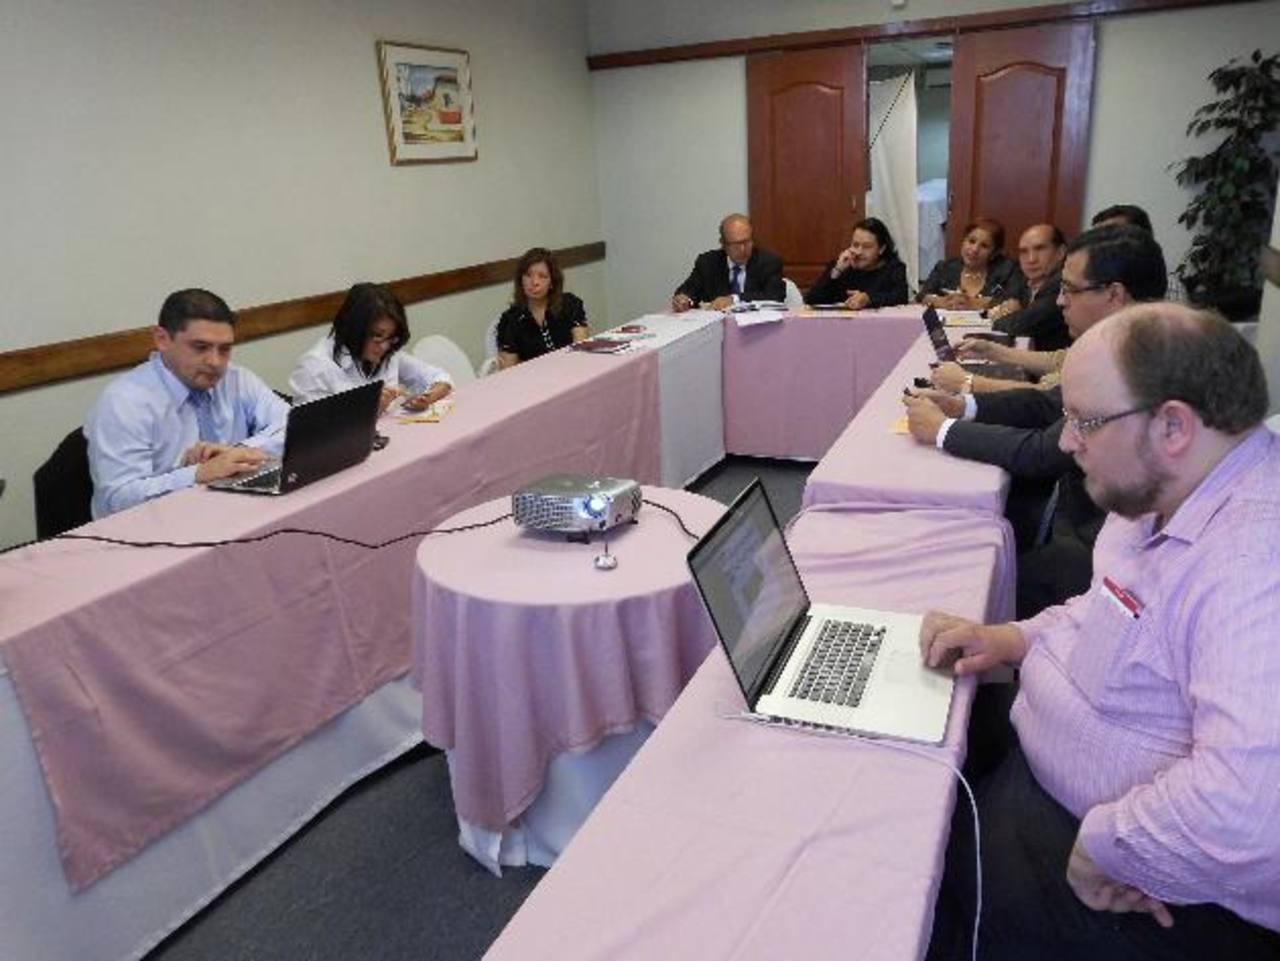 Representantes de la pequeña empresa analizaron reformas a la Ley de Pymes.